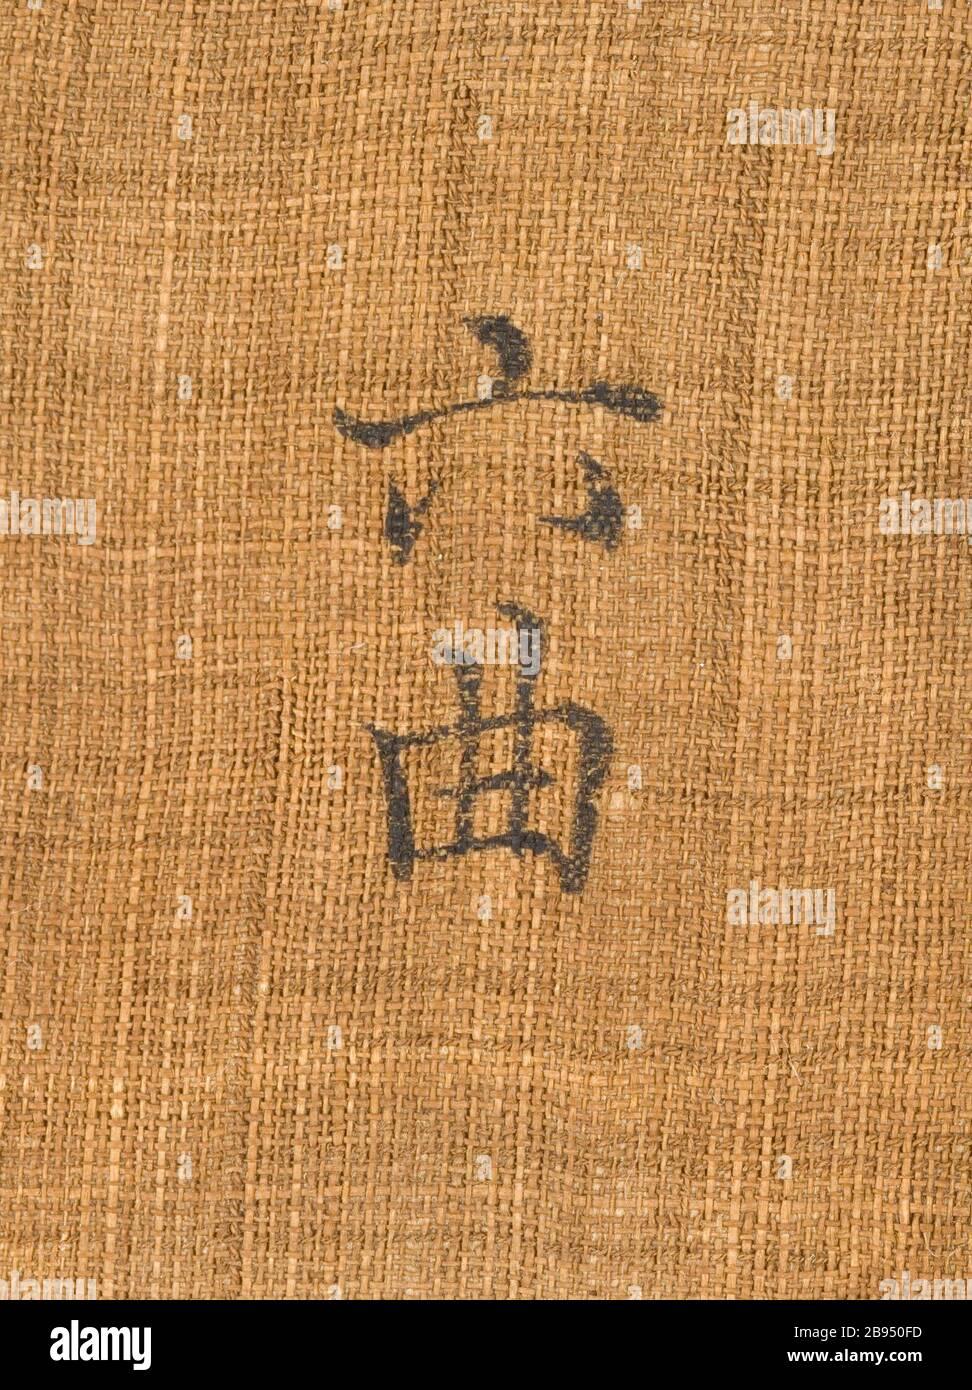 """""""Le sixième des neuf virages Le Mont Wuyi, Chine (image 5 de 5); Anglais: Corée, Korean, Dynastie Joseon (1392-1910), 17e siècle encre, défilement pendaison sur ramie chanvre ou de droit: 20 3/4 x 23 1/8 in. (52,71 x 58,74 cm); le mont: 48 3/4 x 25 in. (123,83 x 63,5 cm); rouleau presseur: 27 1/4 in. (69,22 cm) achetés avec les fonds du musée (M2000.15.20); l'art coréen date du 17ème siècle QS:P571,+1650-00-00T00:00:00Z/7; ' Banque D'Images"""